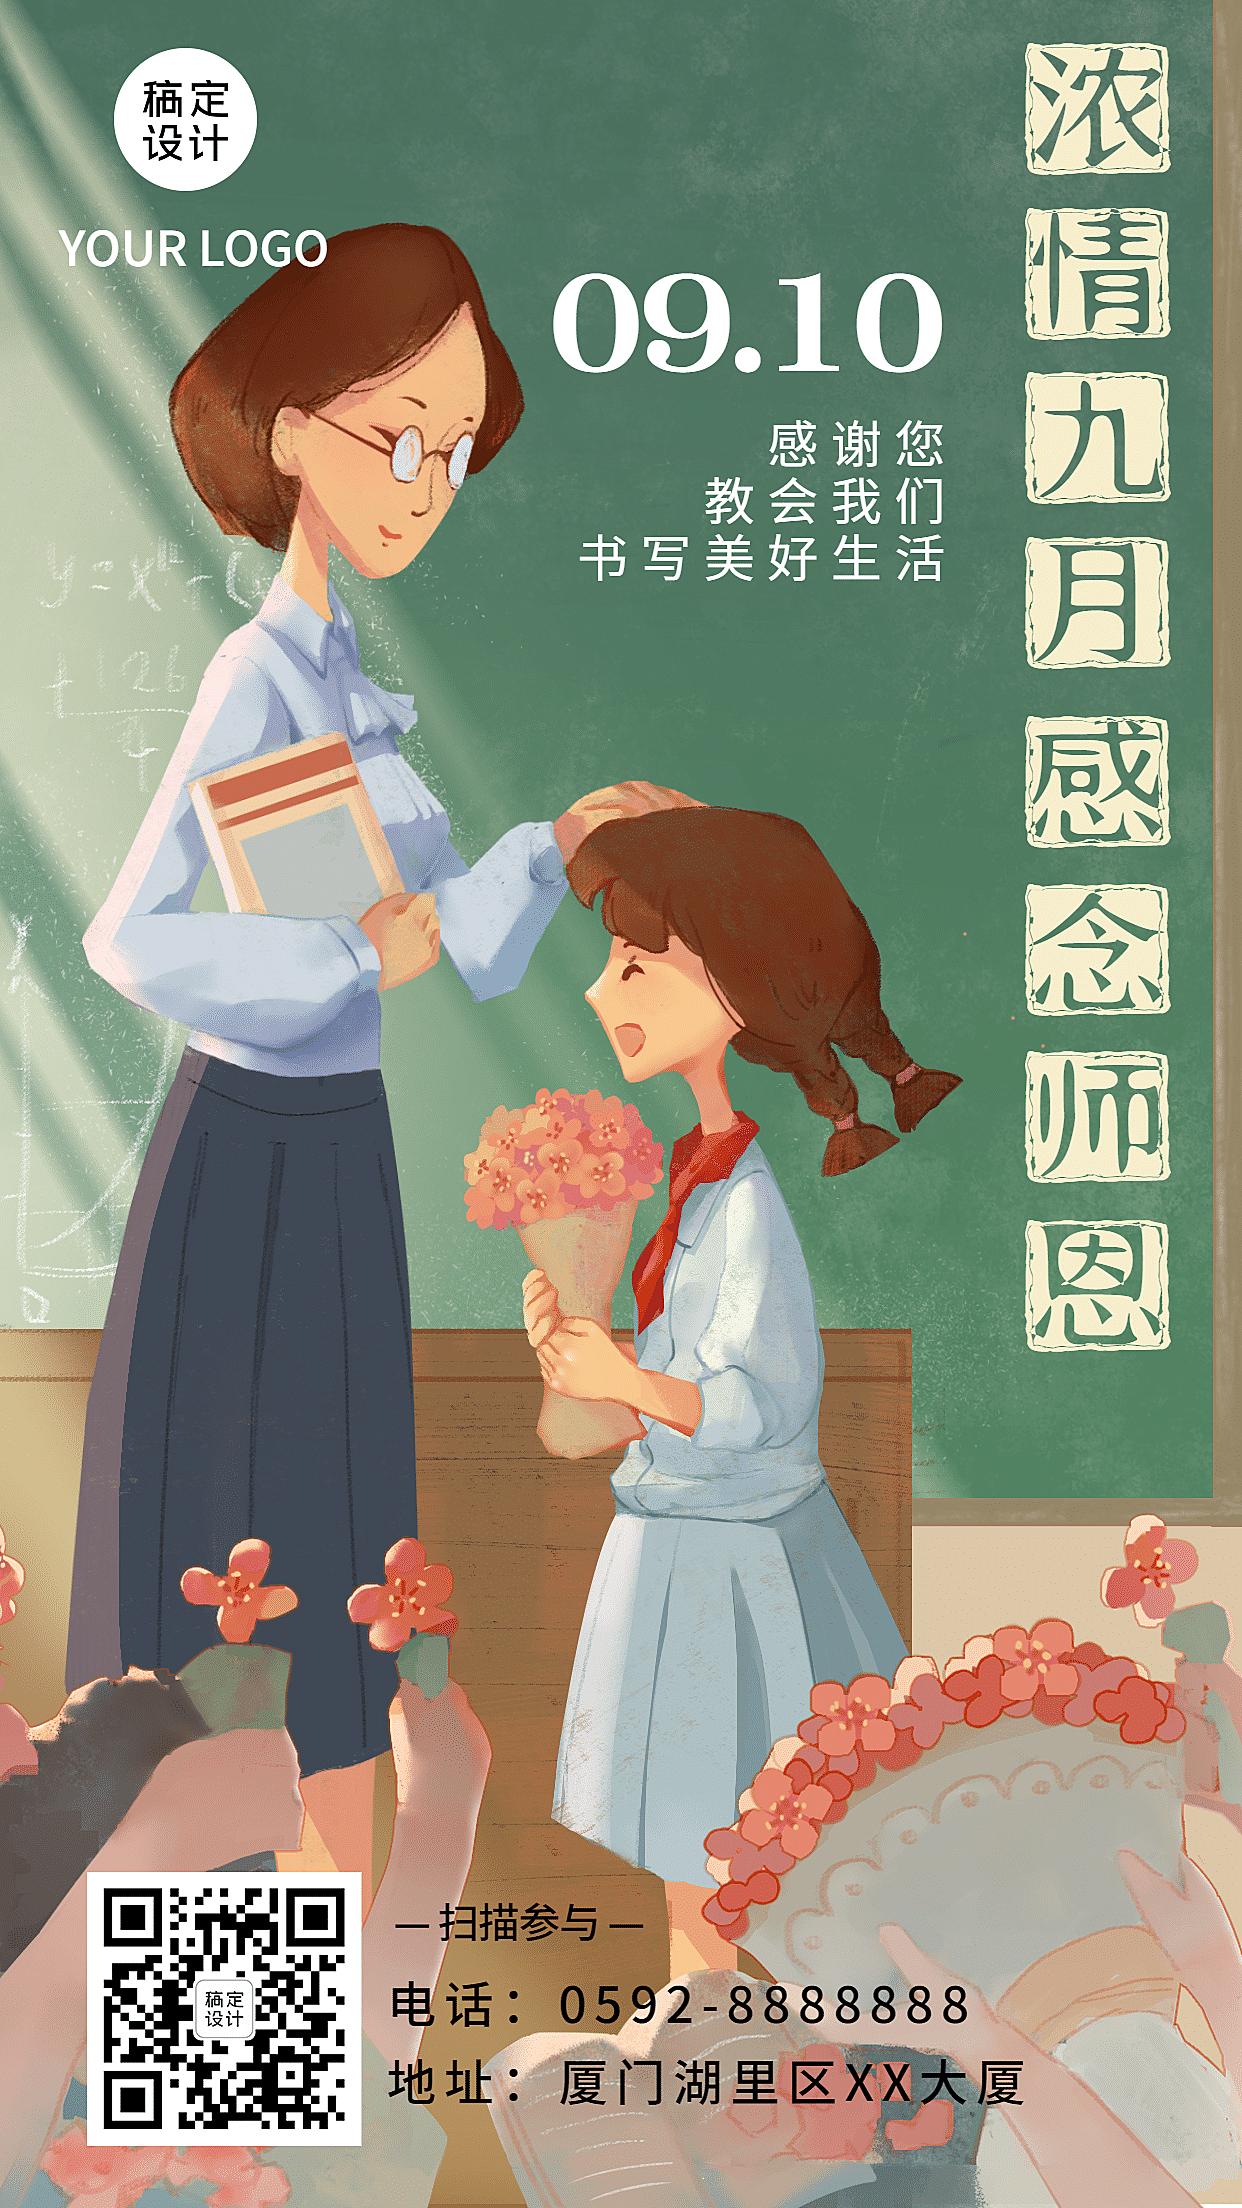 教师节日祝福感谢恩师手绘手机海报